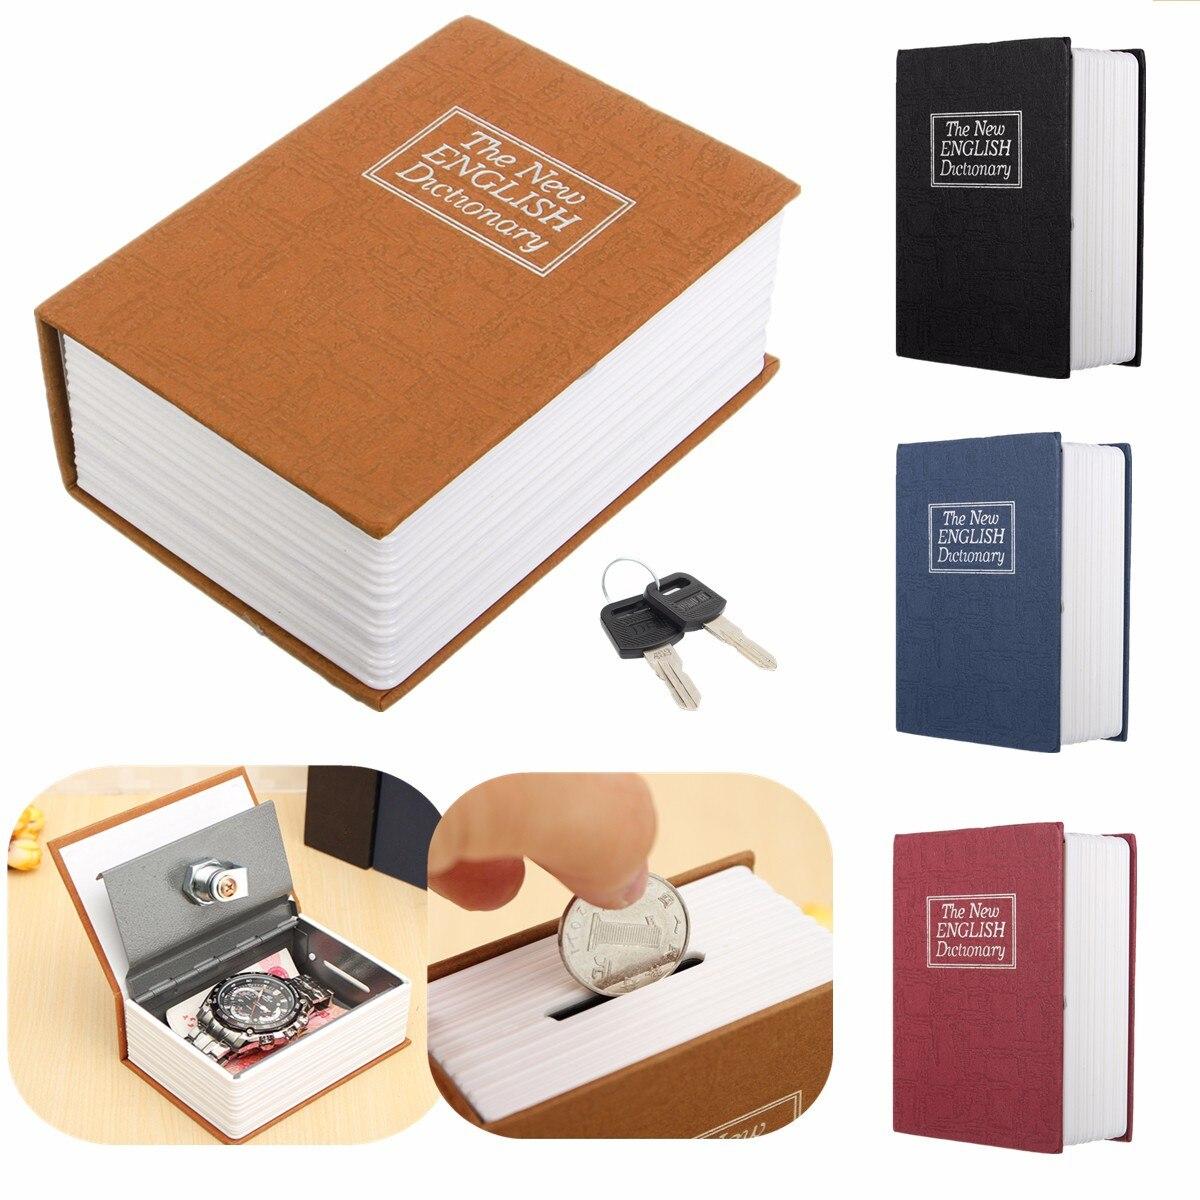 Dicionário de Mini Caixa de Dinheiro Livro Esconder Segredo Seguro Trava De Segurança Seguro Cash Money Moeda chave do Armário De Armazenamento Jóias Presente Do Miúdo